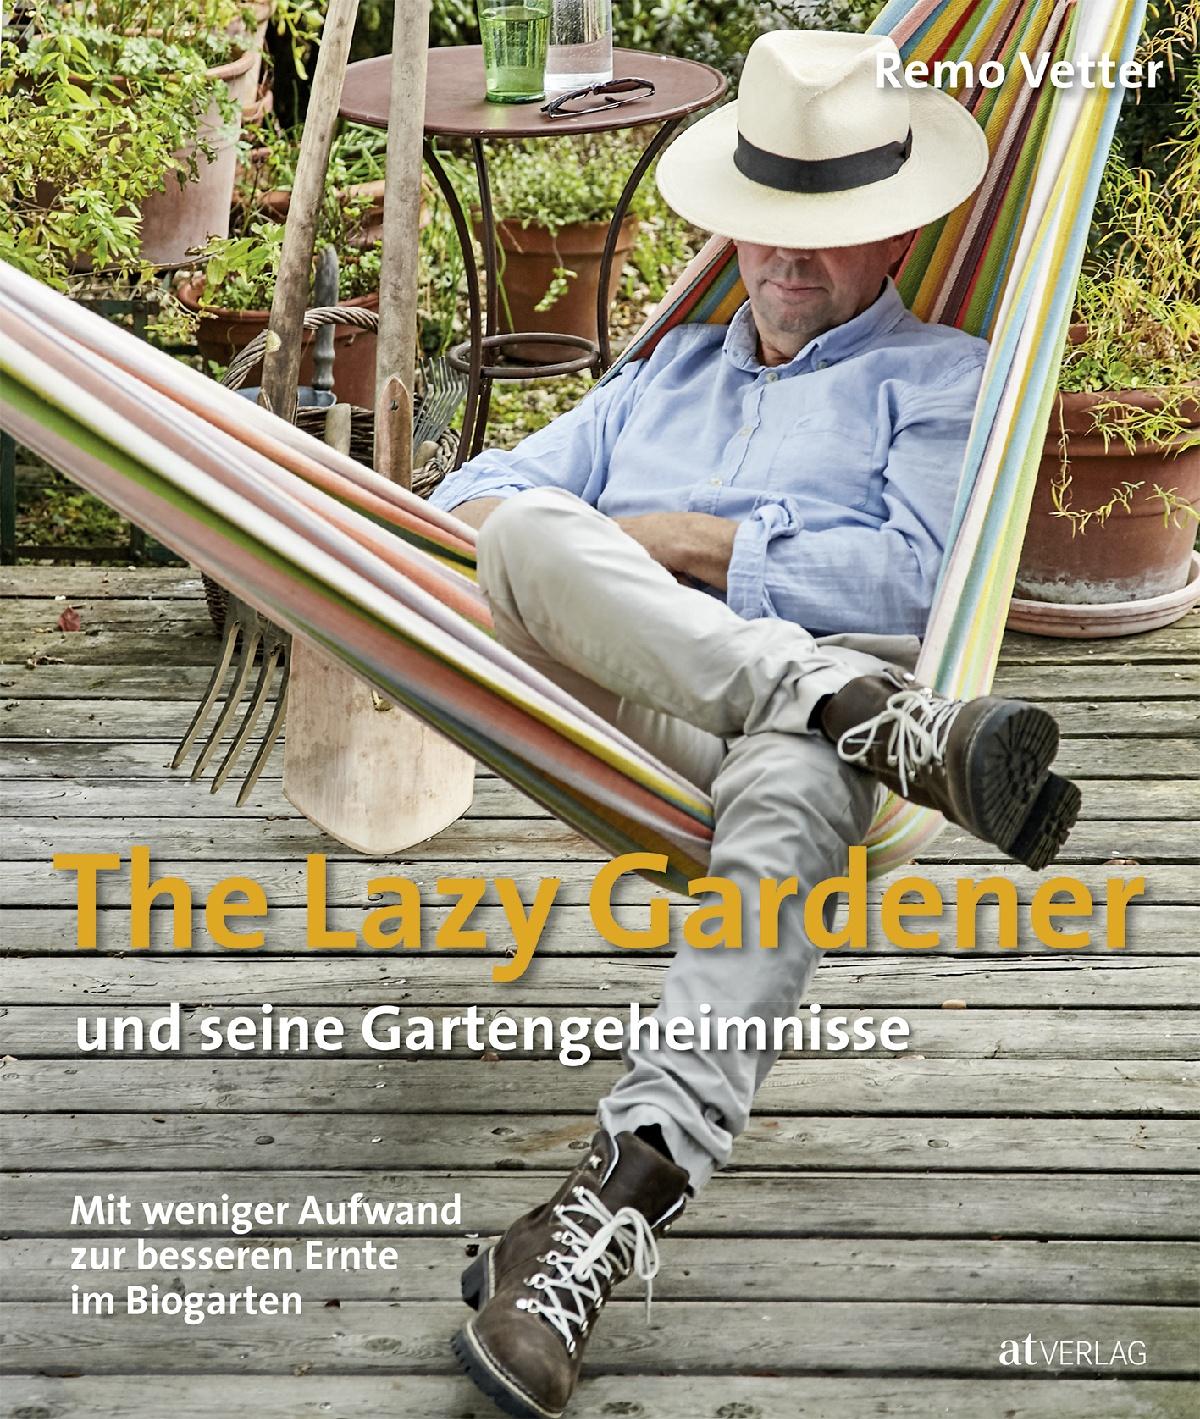 Kupfer-Anton - The Lazy Gardner - seine Gartengeheimnisse